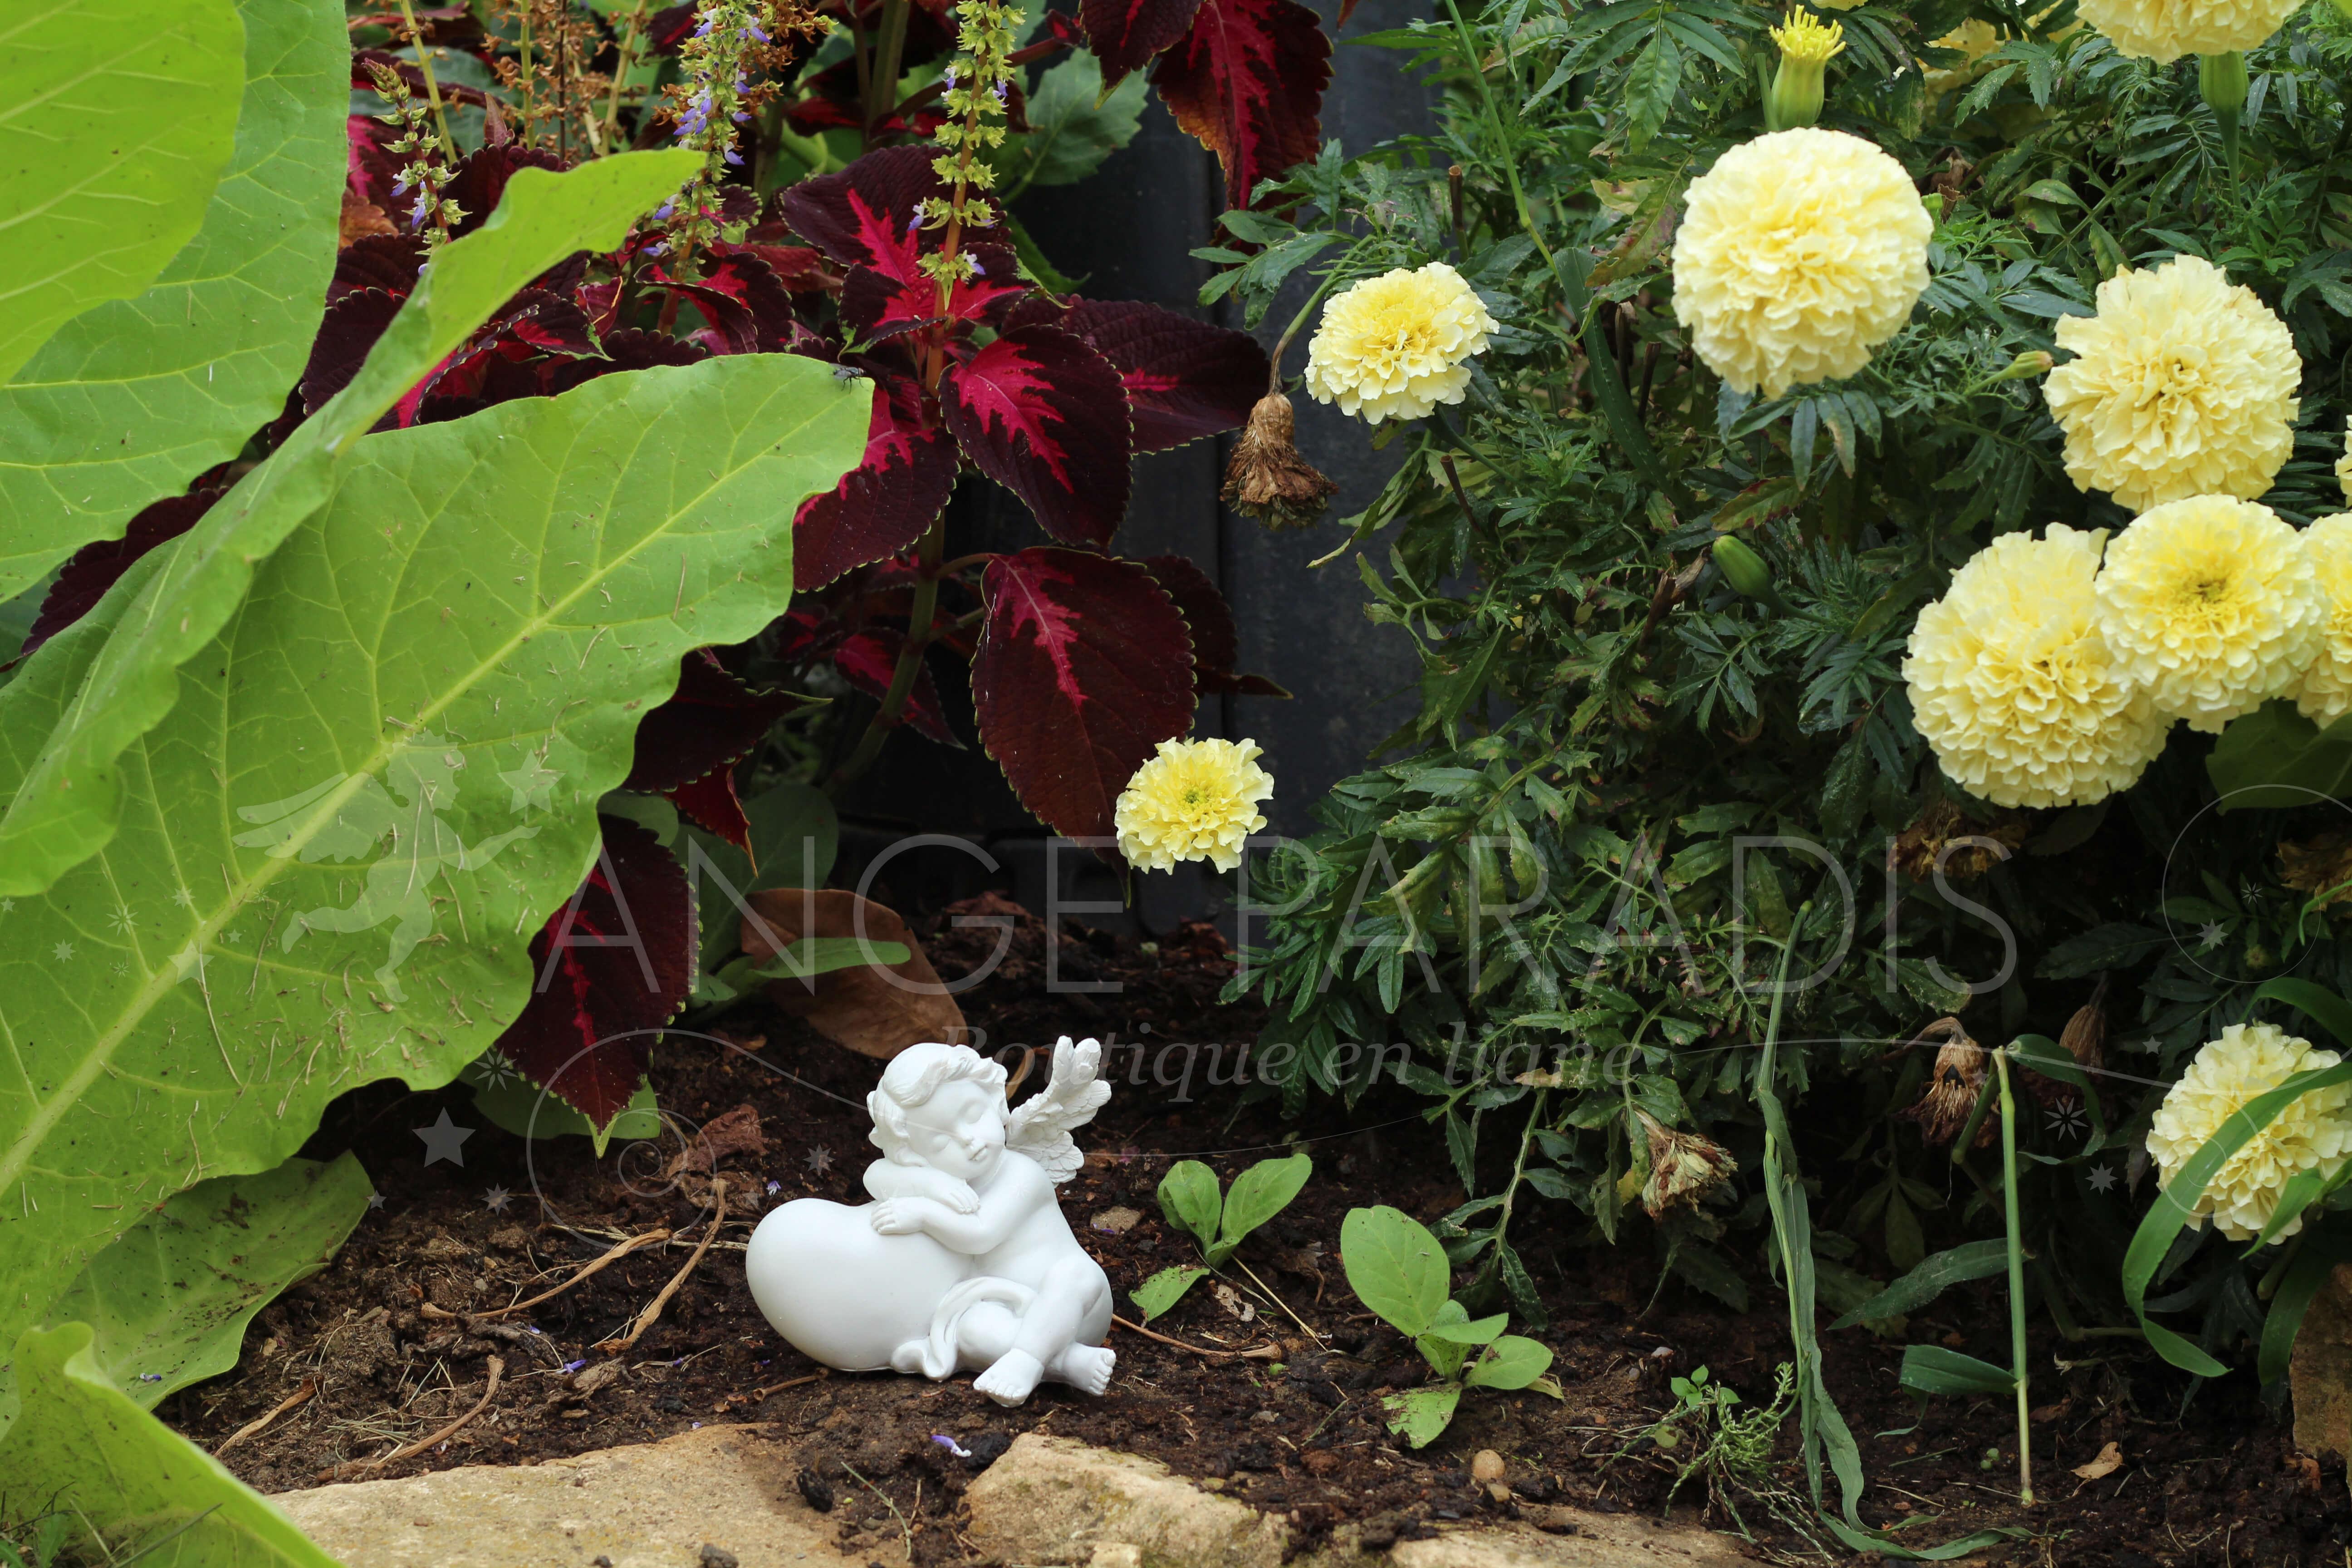 statuette ange - figurines ange décorative de décoration